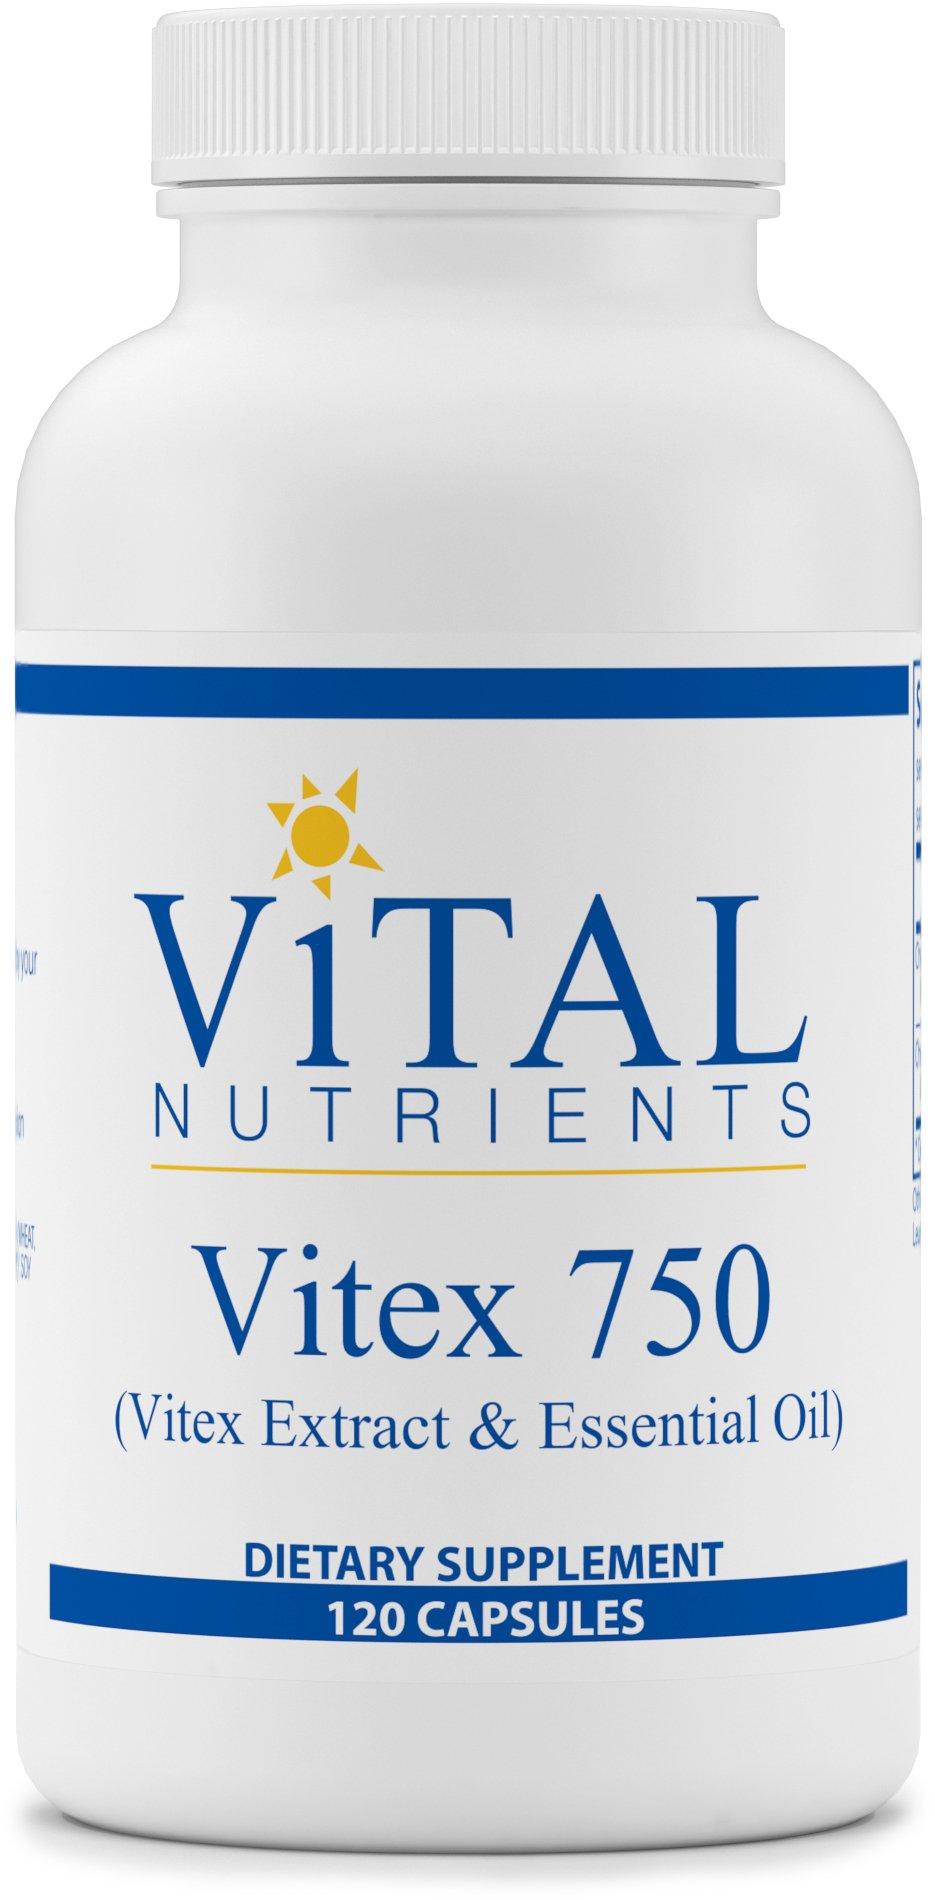 Vital Nutrients - Vitex 750 (Vitex Extract & Essential Oil) - Female Hormone Support - 120 Capsules